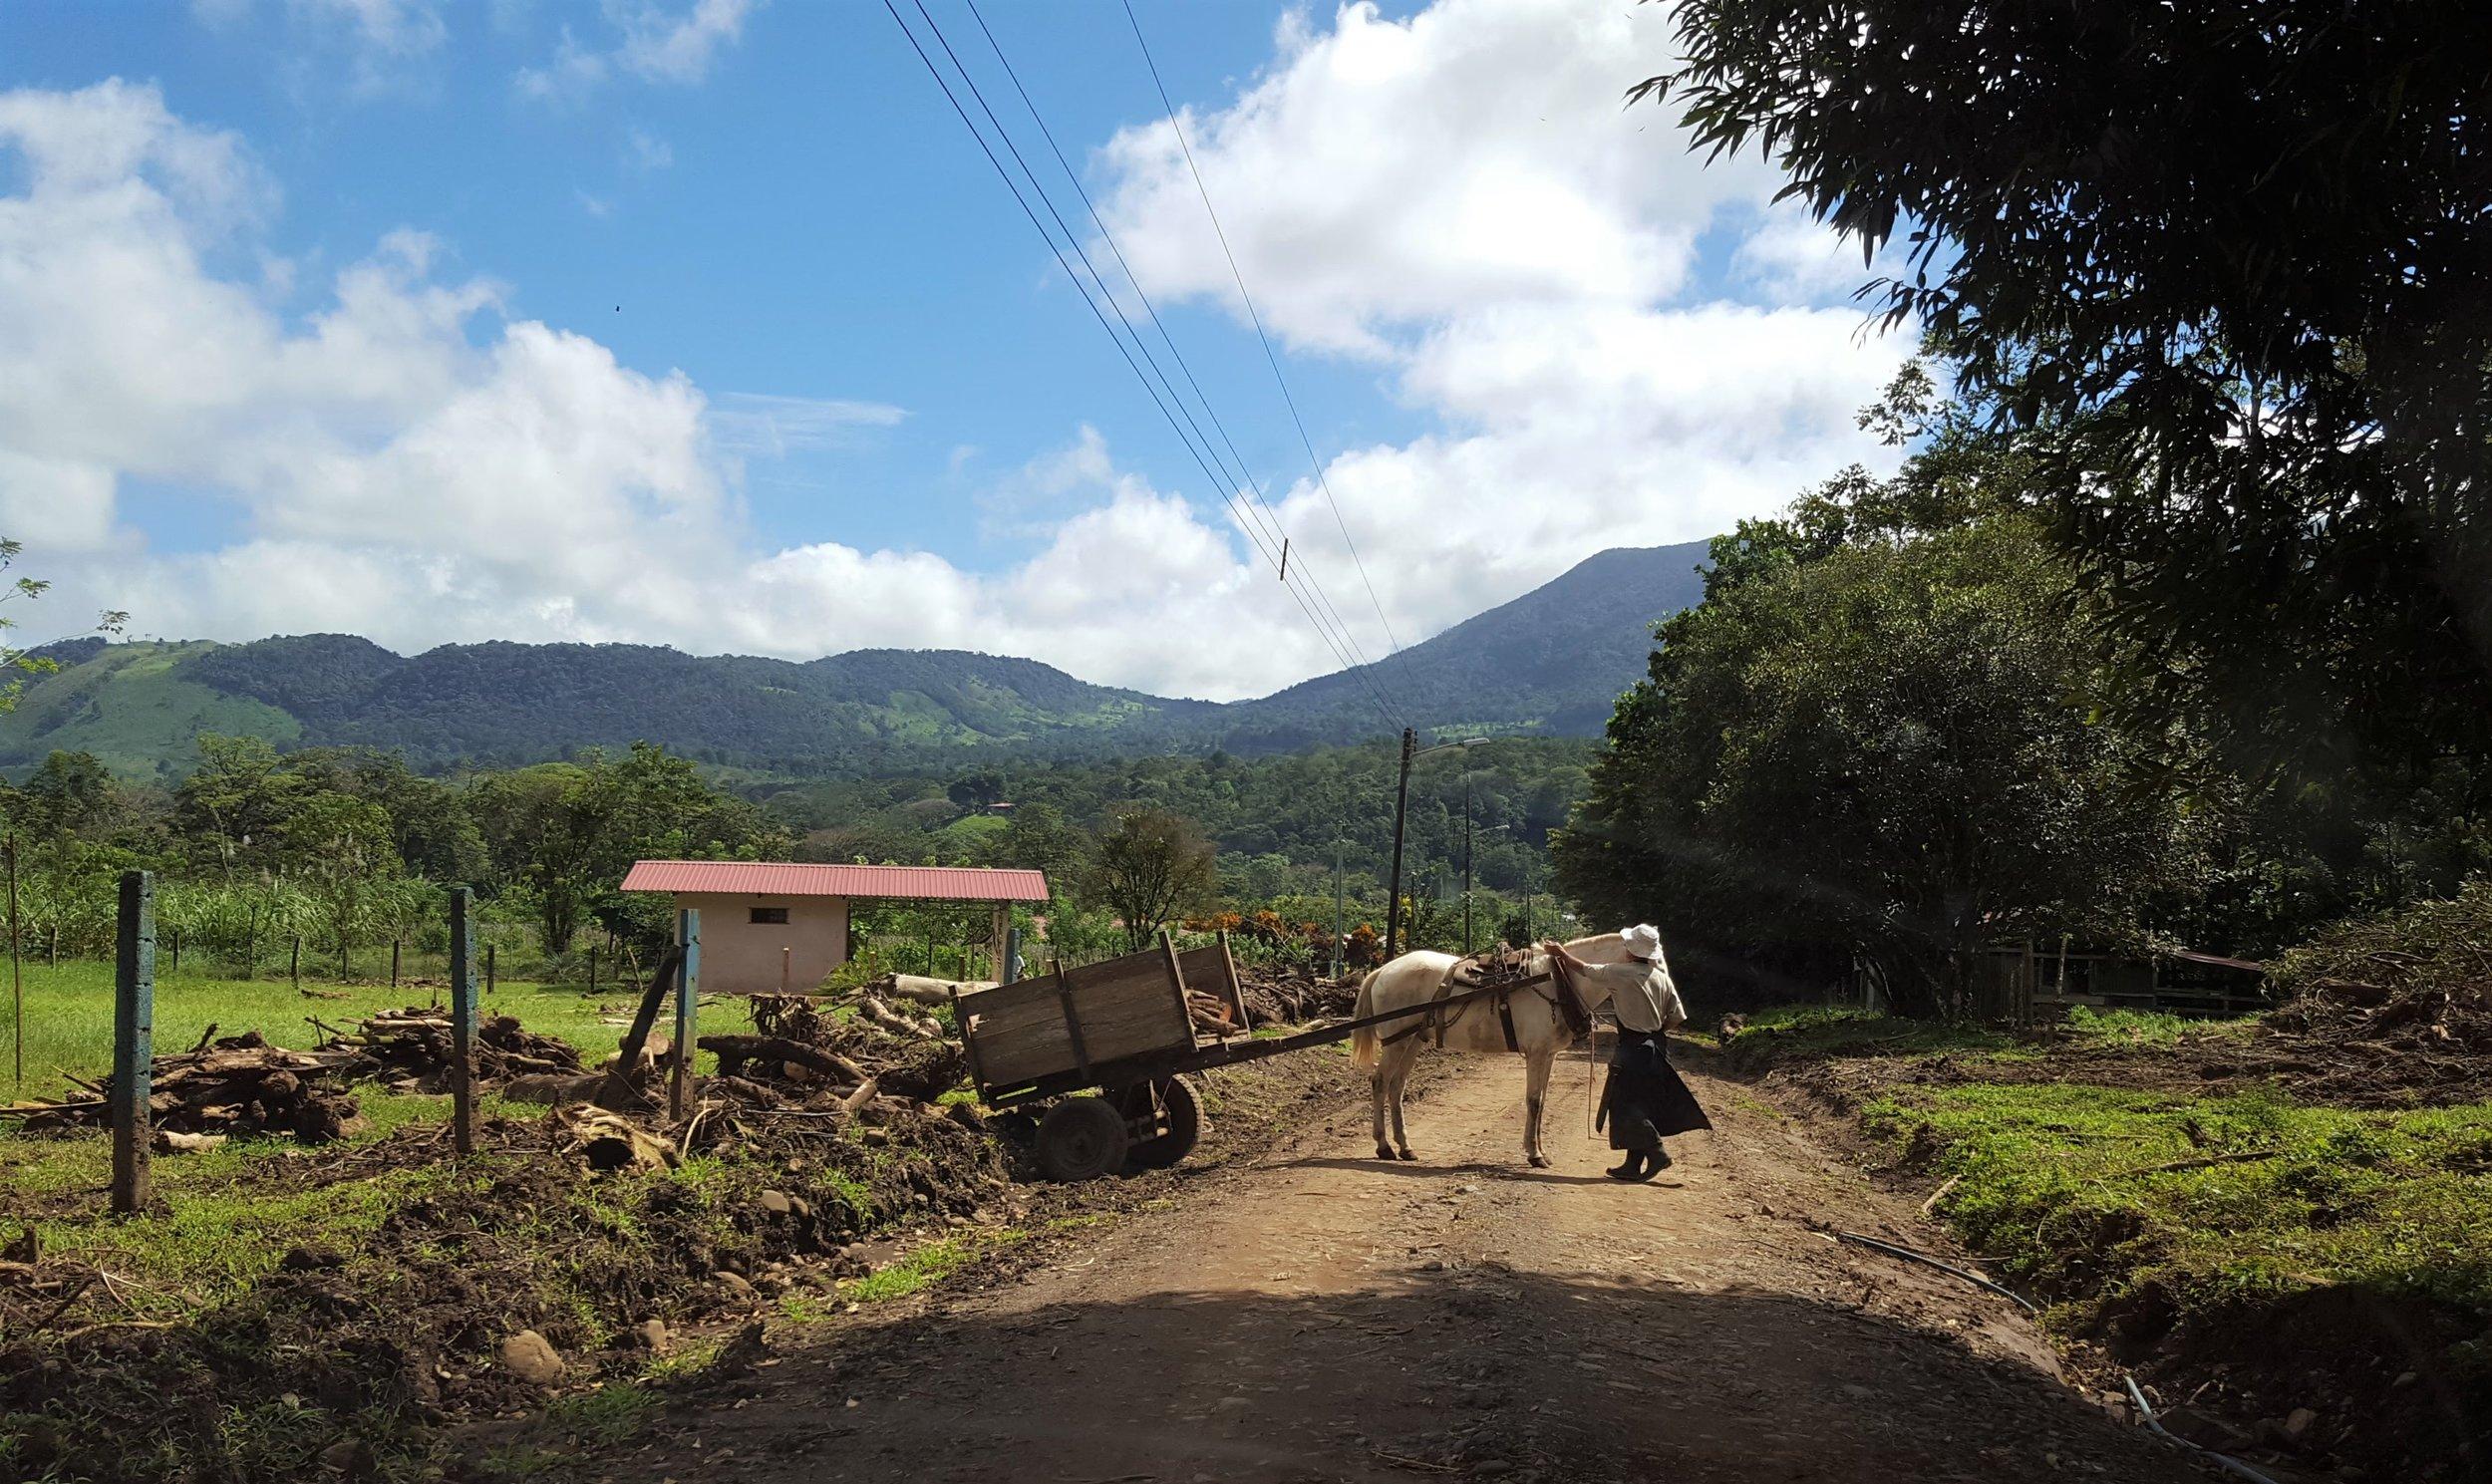 1 - Bijagua horse and road.jpg